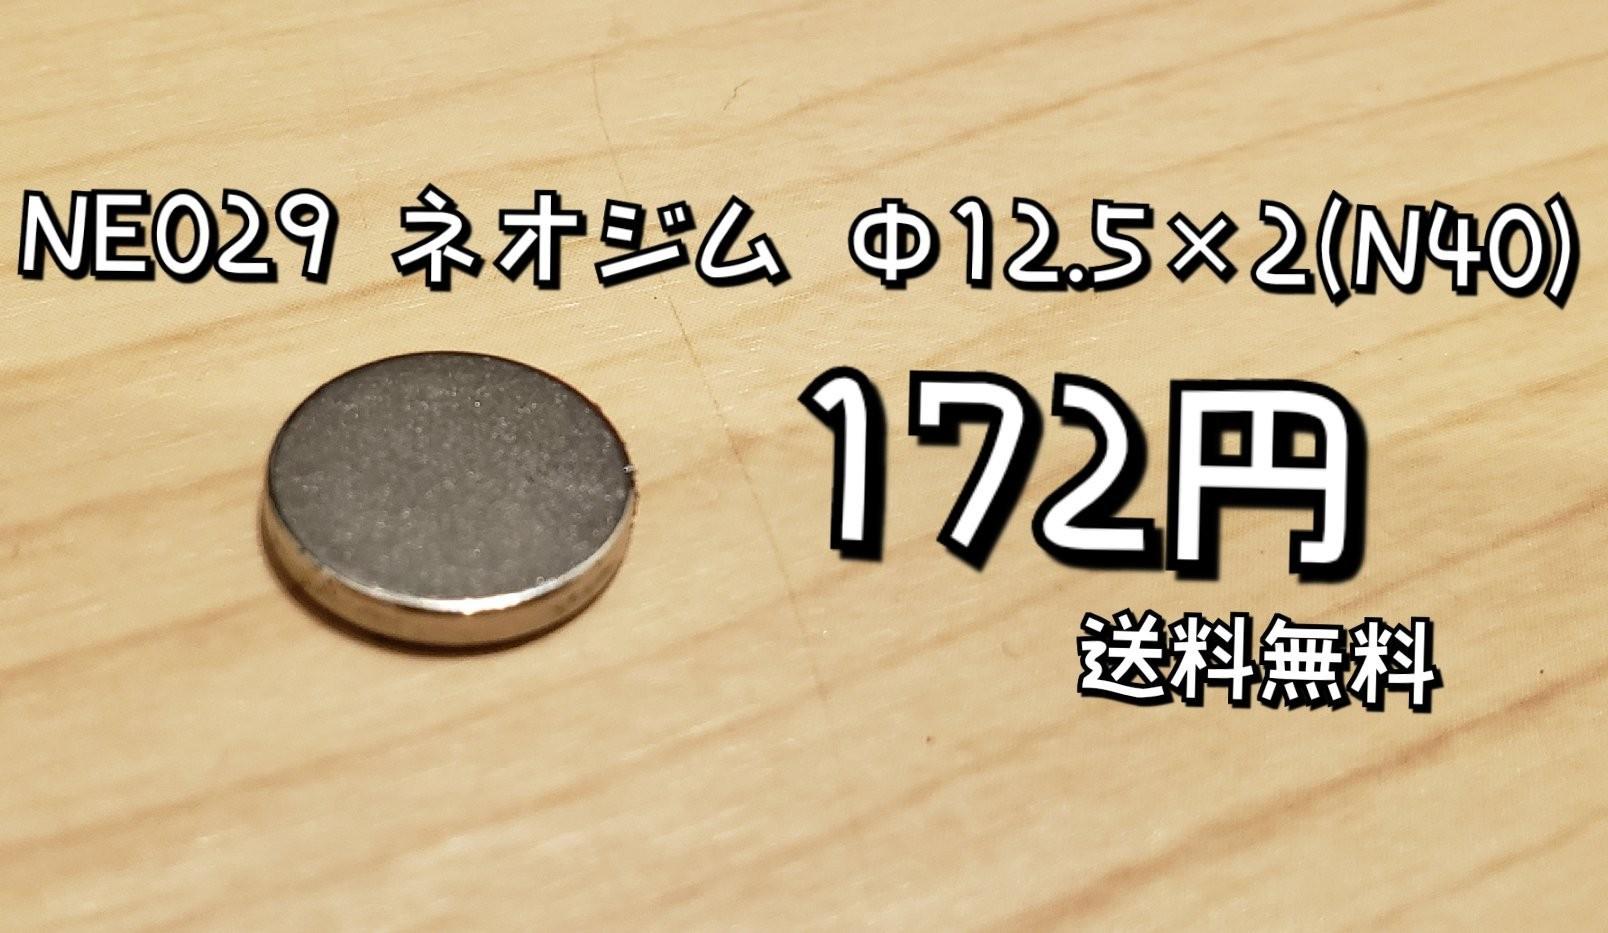 f:id:peasandcarrots:20200512212053j:plain:w400